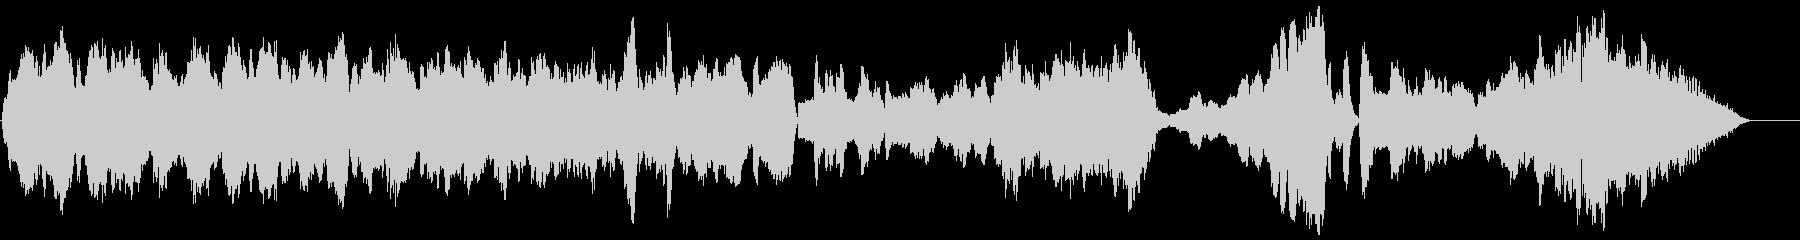 木管五重奏のための揺らぎの未再生の波形